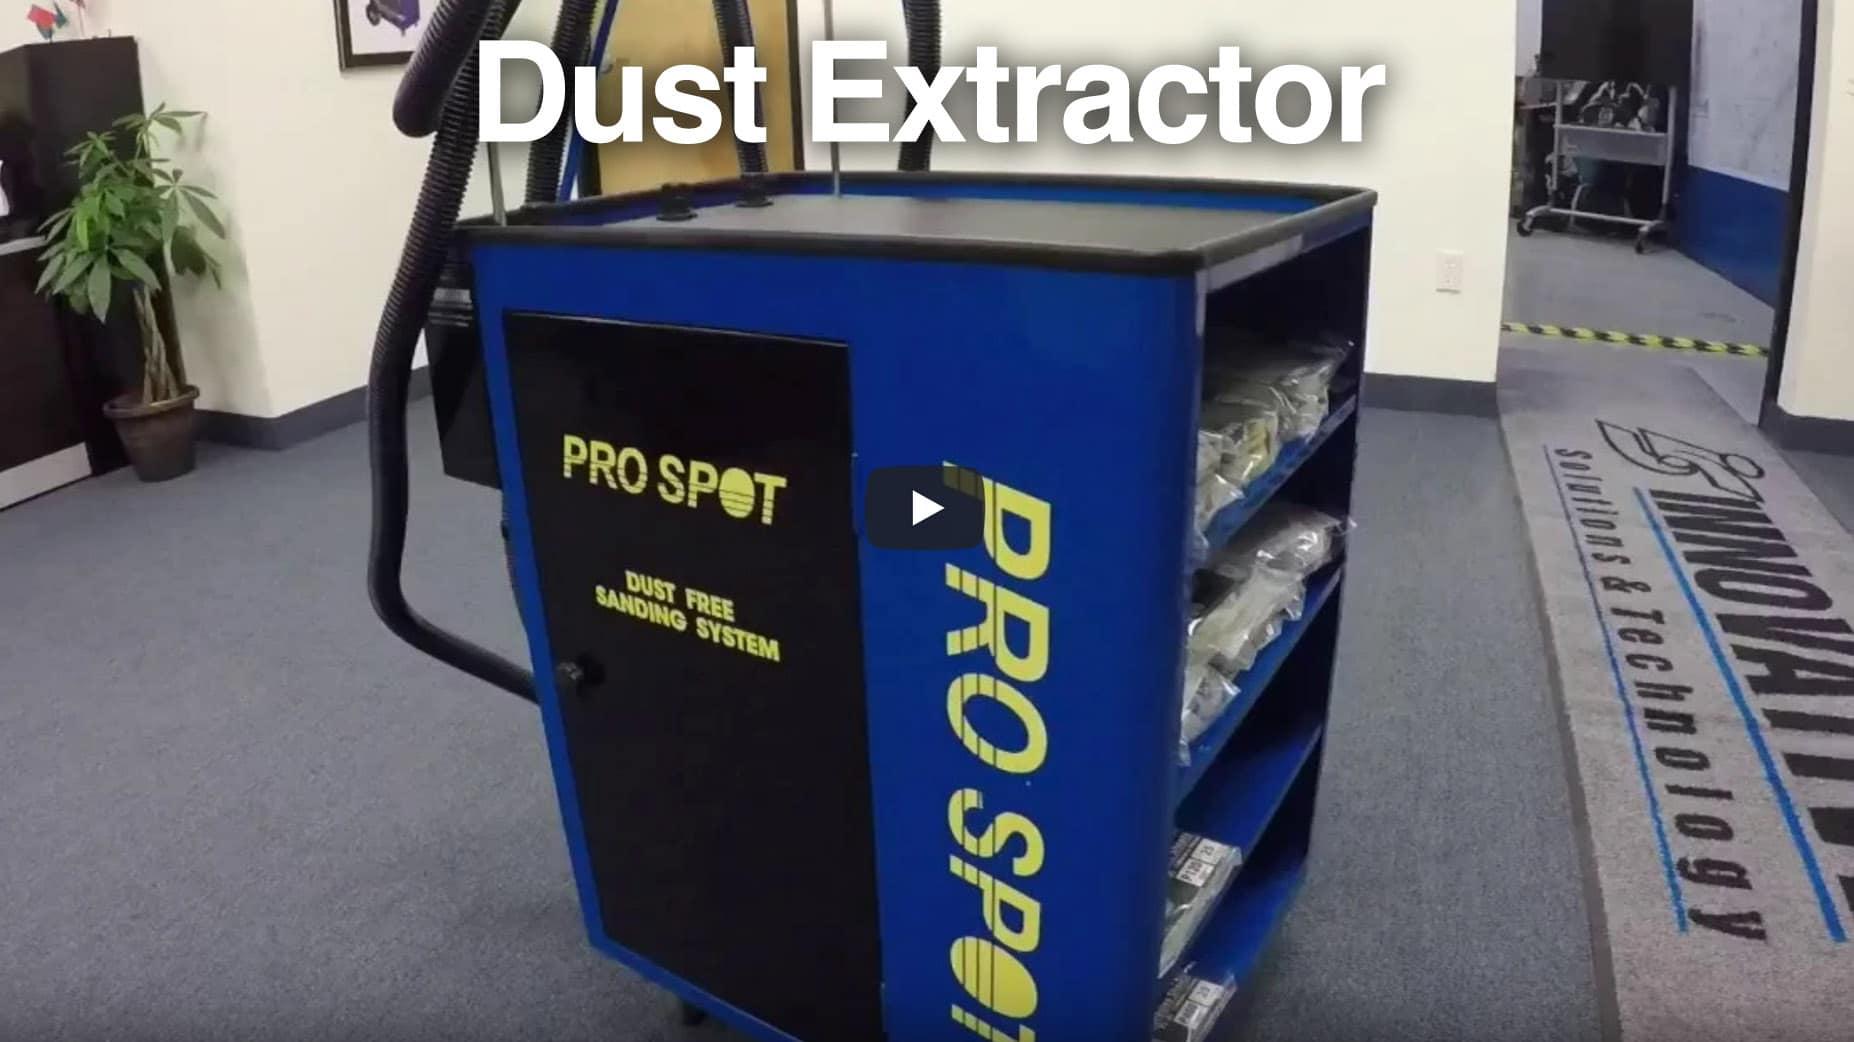 Dust Extractor Video